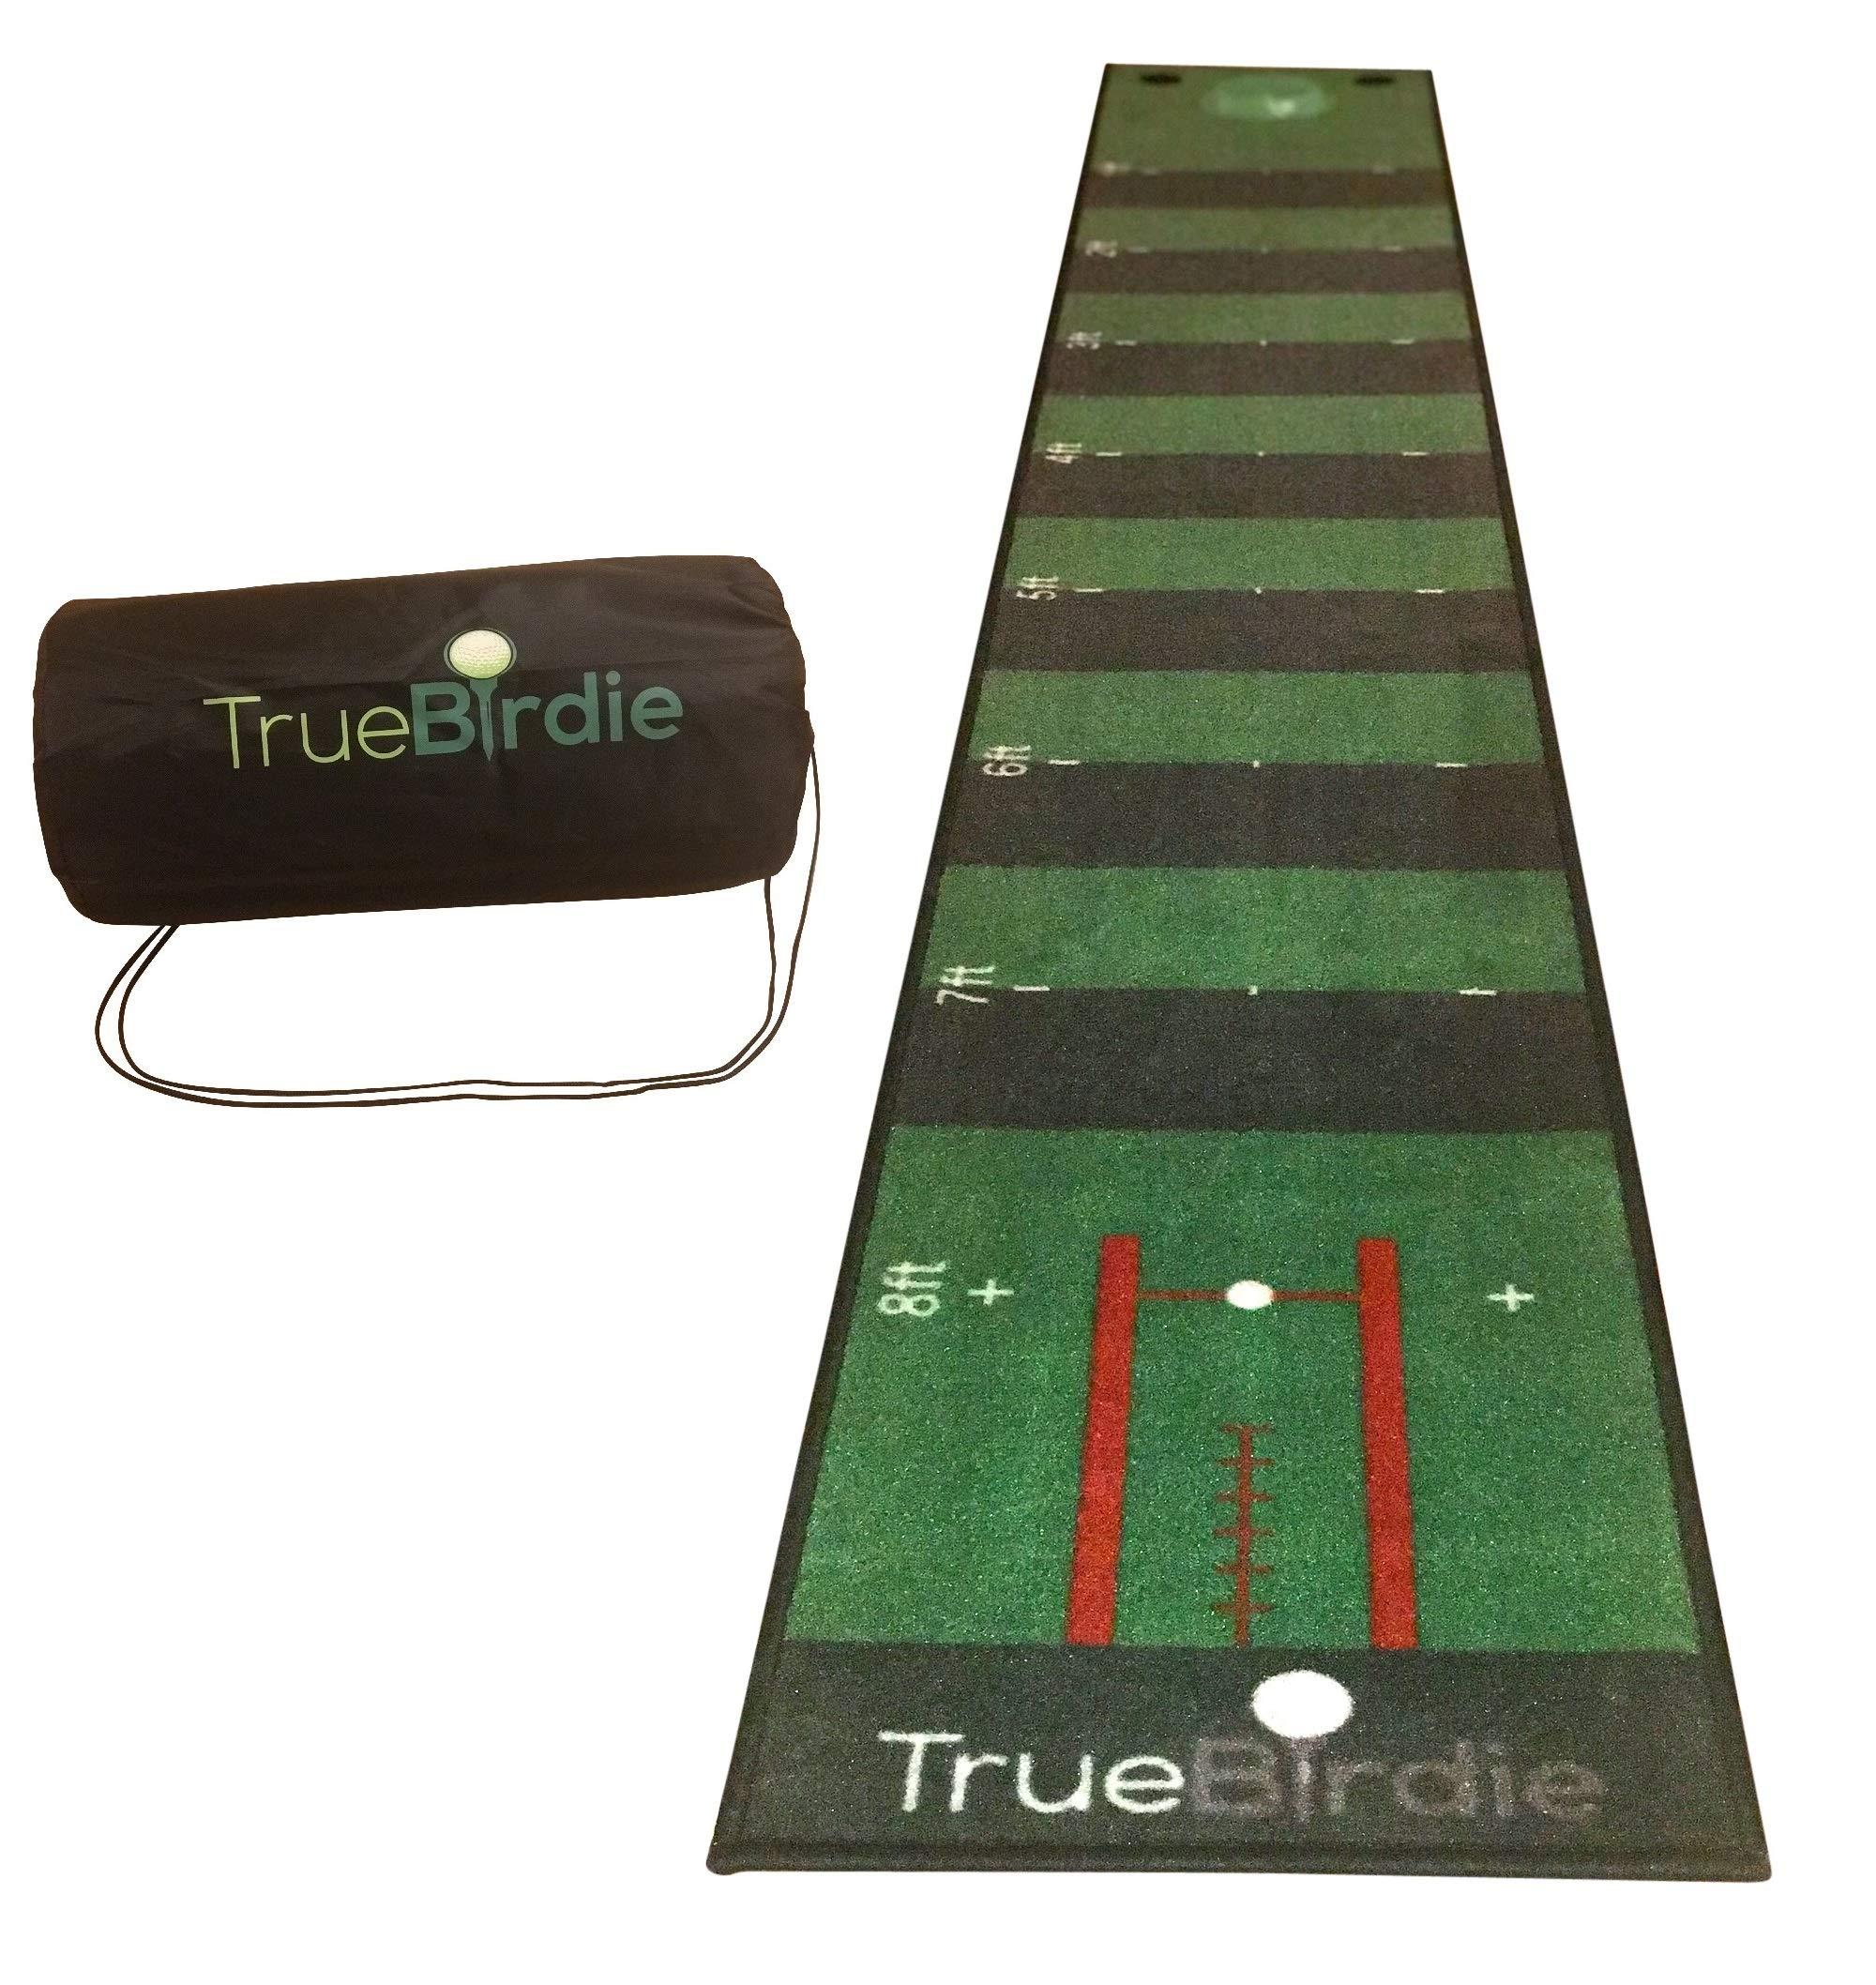 TrueBirdie Indoor Putting Green and Golf Mat with Travel Bag by TrueBirdie